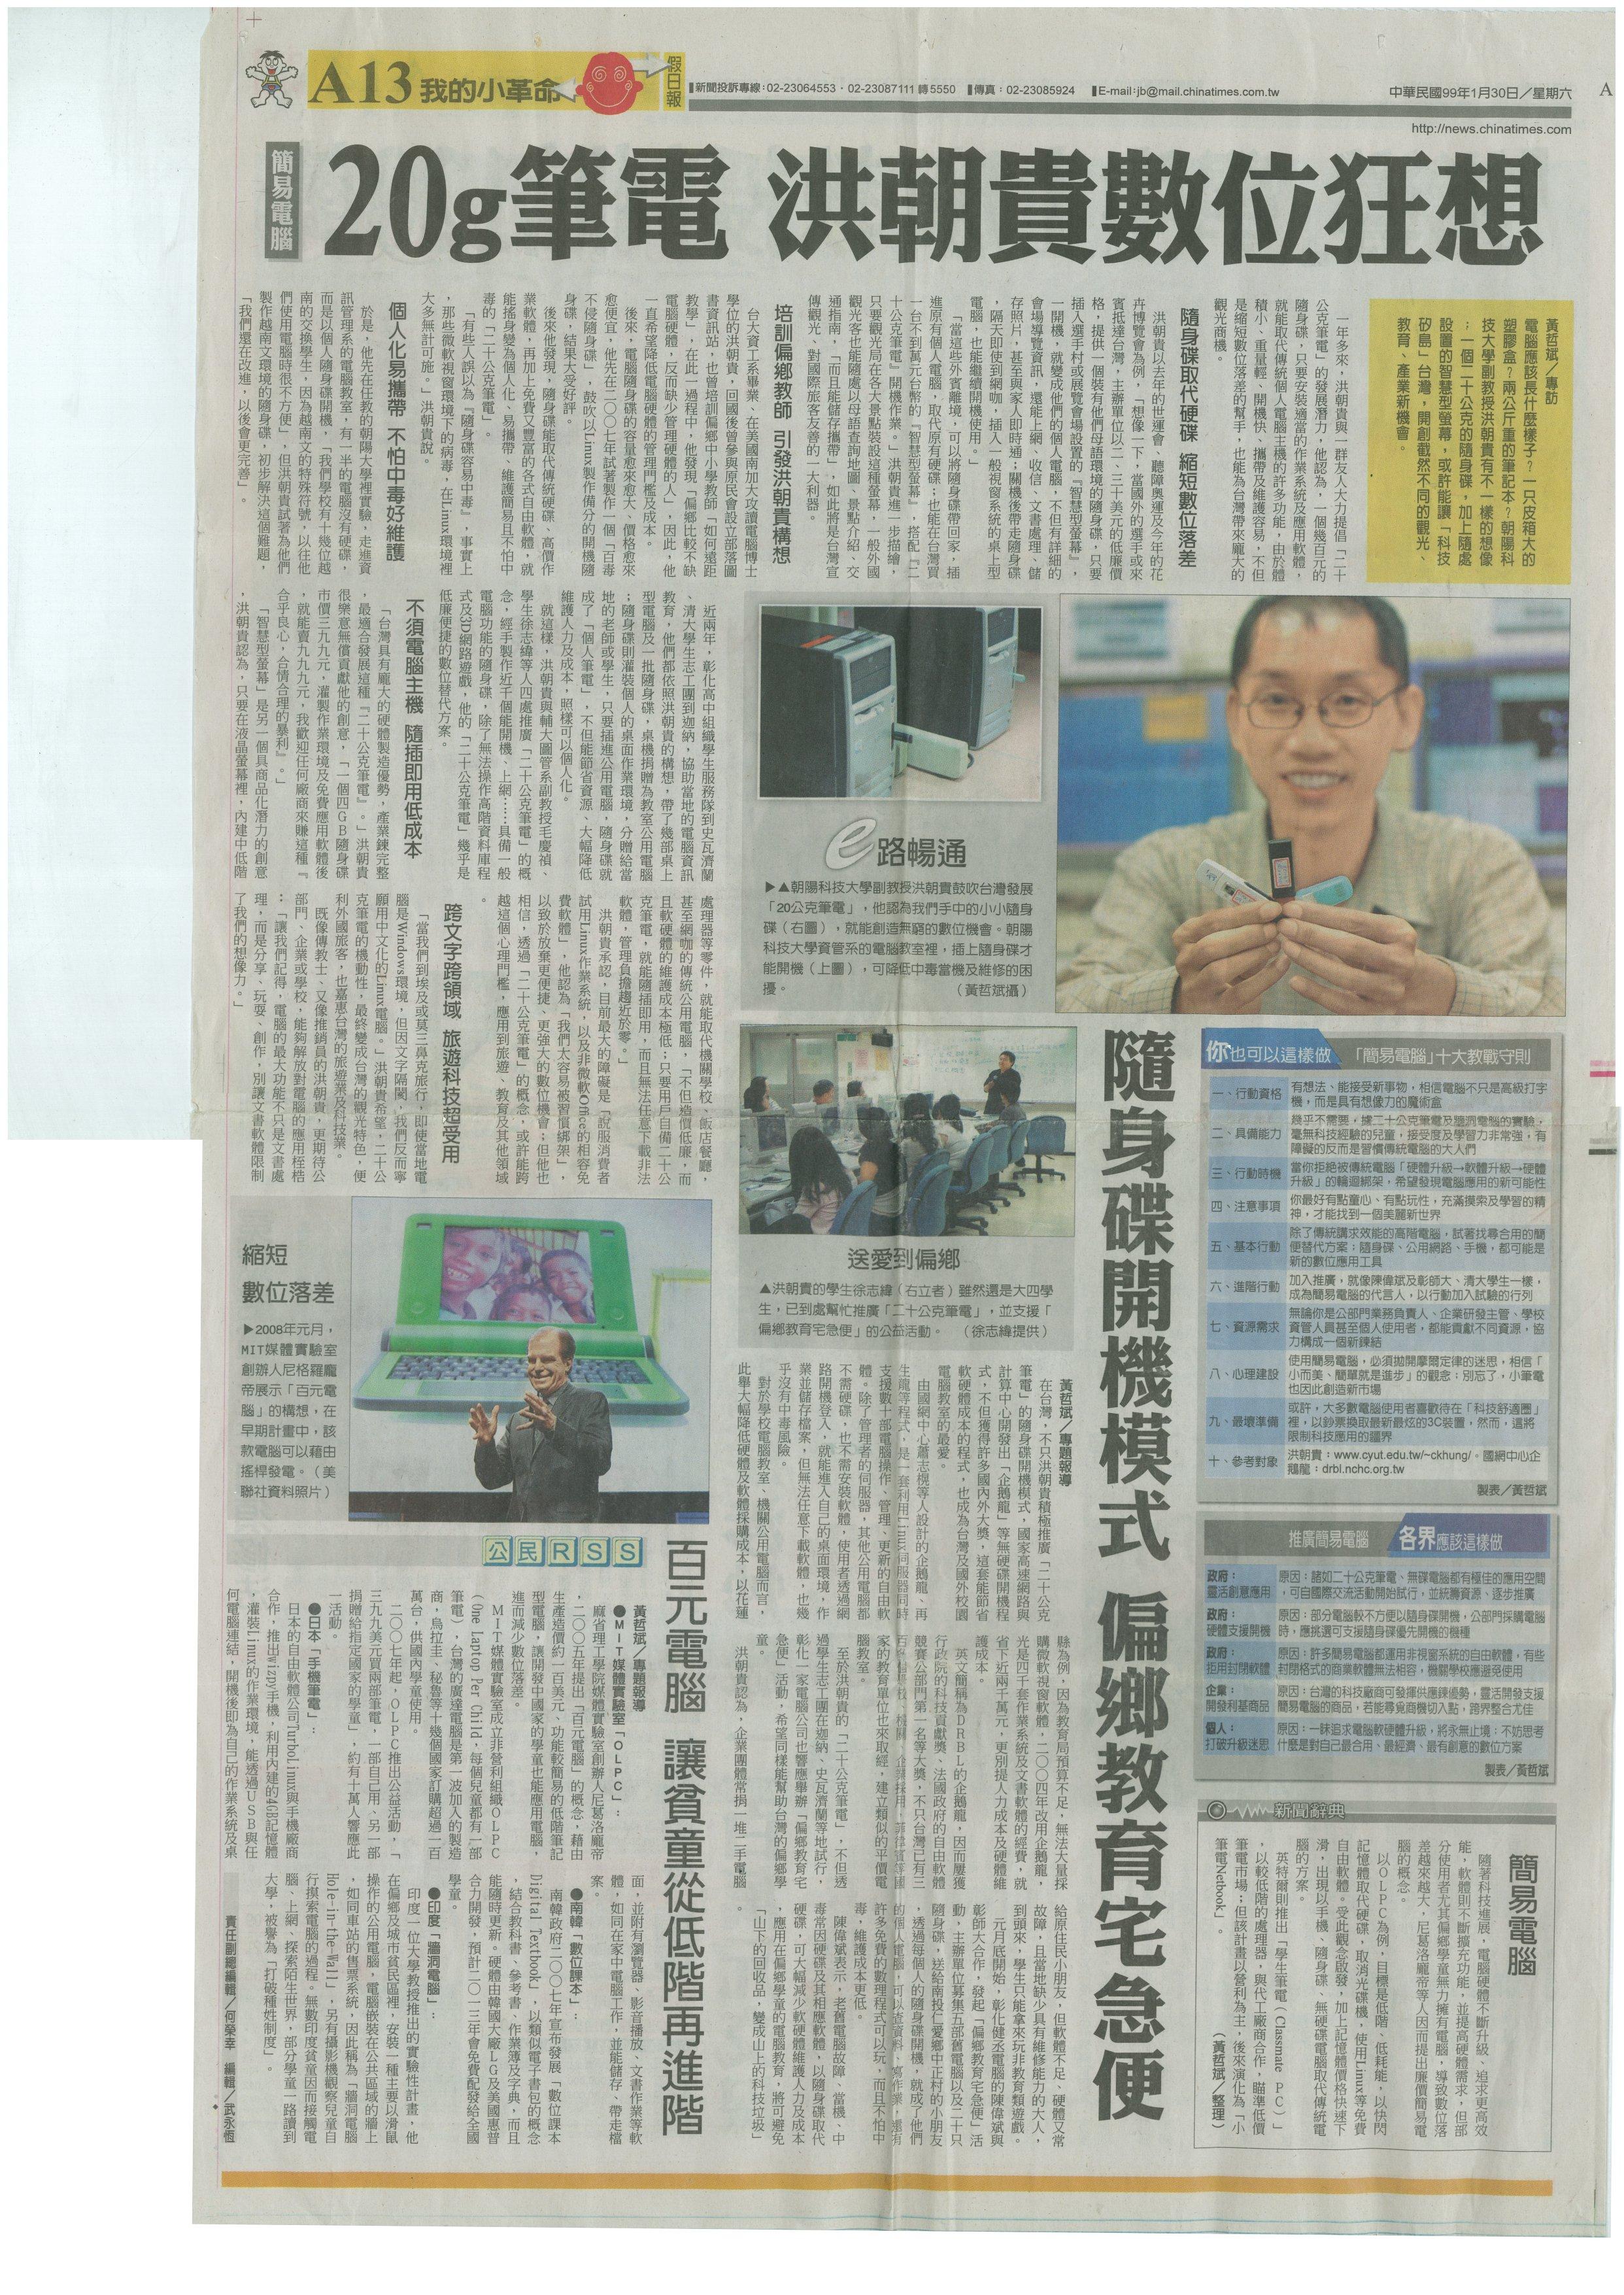 中國時報報導 「20g 筆電 洪朝貴數位狂想」